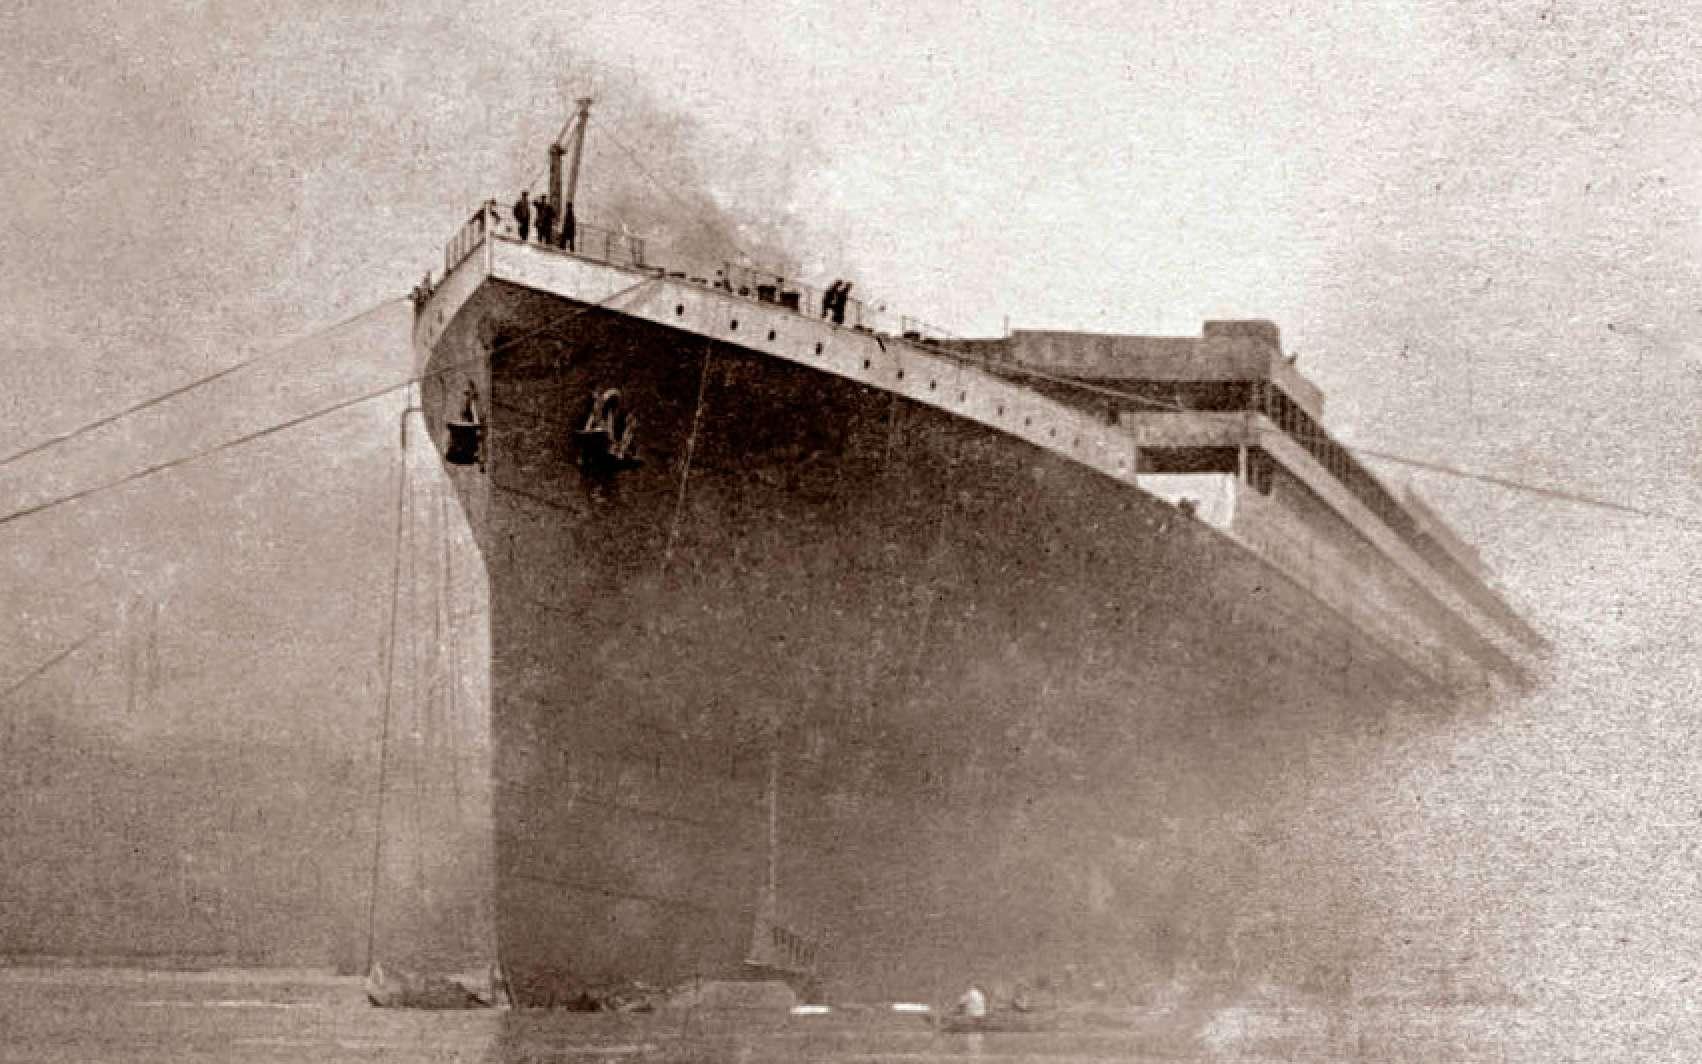 L'iceberg ne serait pas la seule cause du naufrage du Titanic. Ici, photographie du Titanic extraite du film Titanic : The New Evidence. © Channel 4